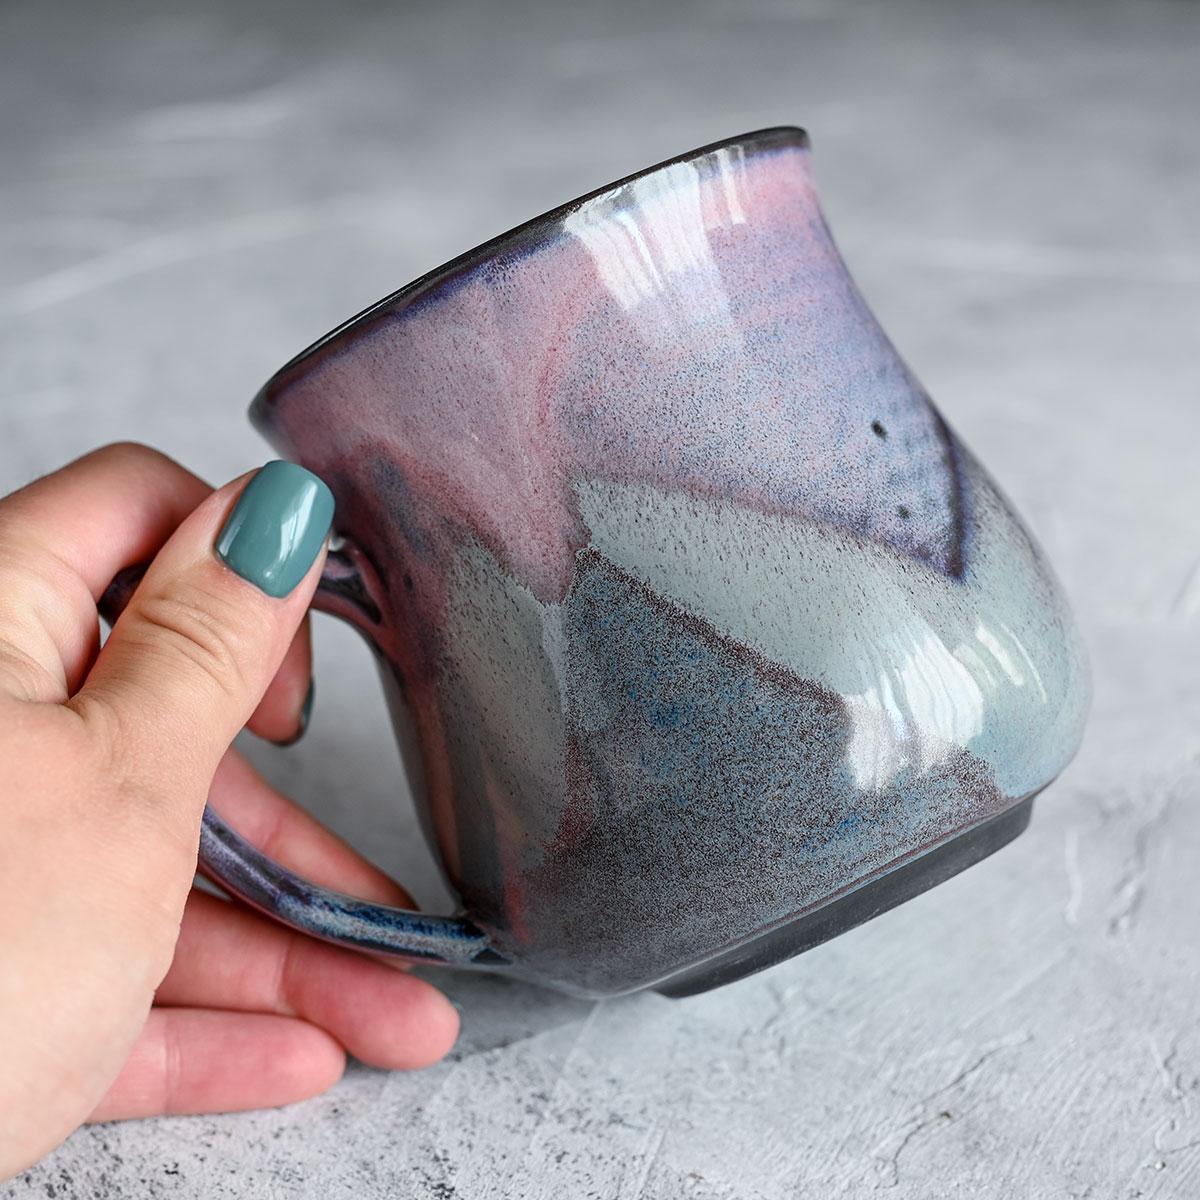 картинка Чашка из черного фарфора А.Заболотникова 2 - DishWishes.Ru